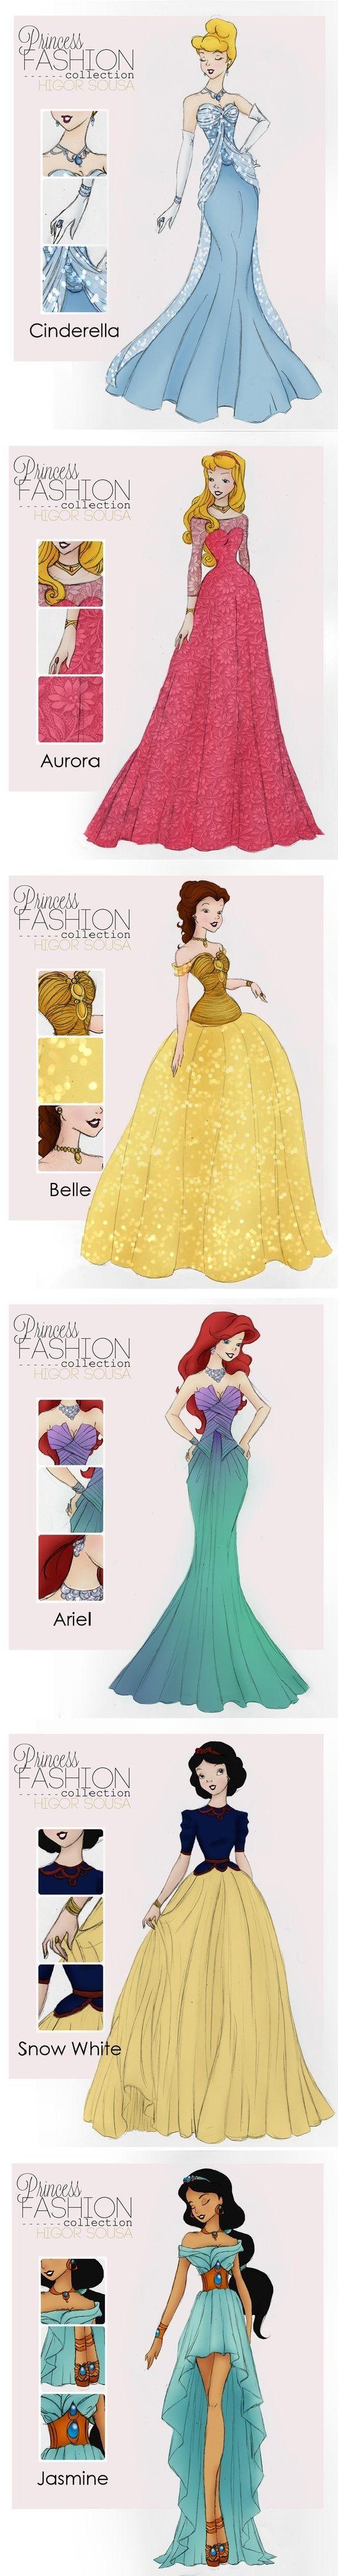 Princess fashion!  Play dress up games on ubieranki.eu!  http://www.ubieranki.eu/